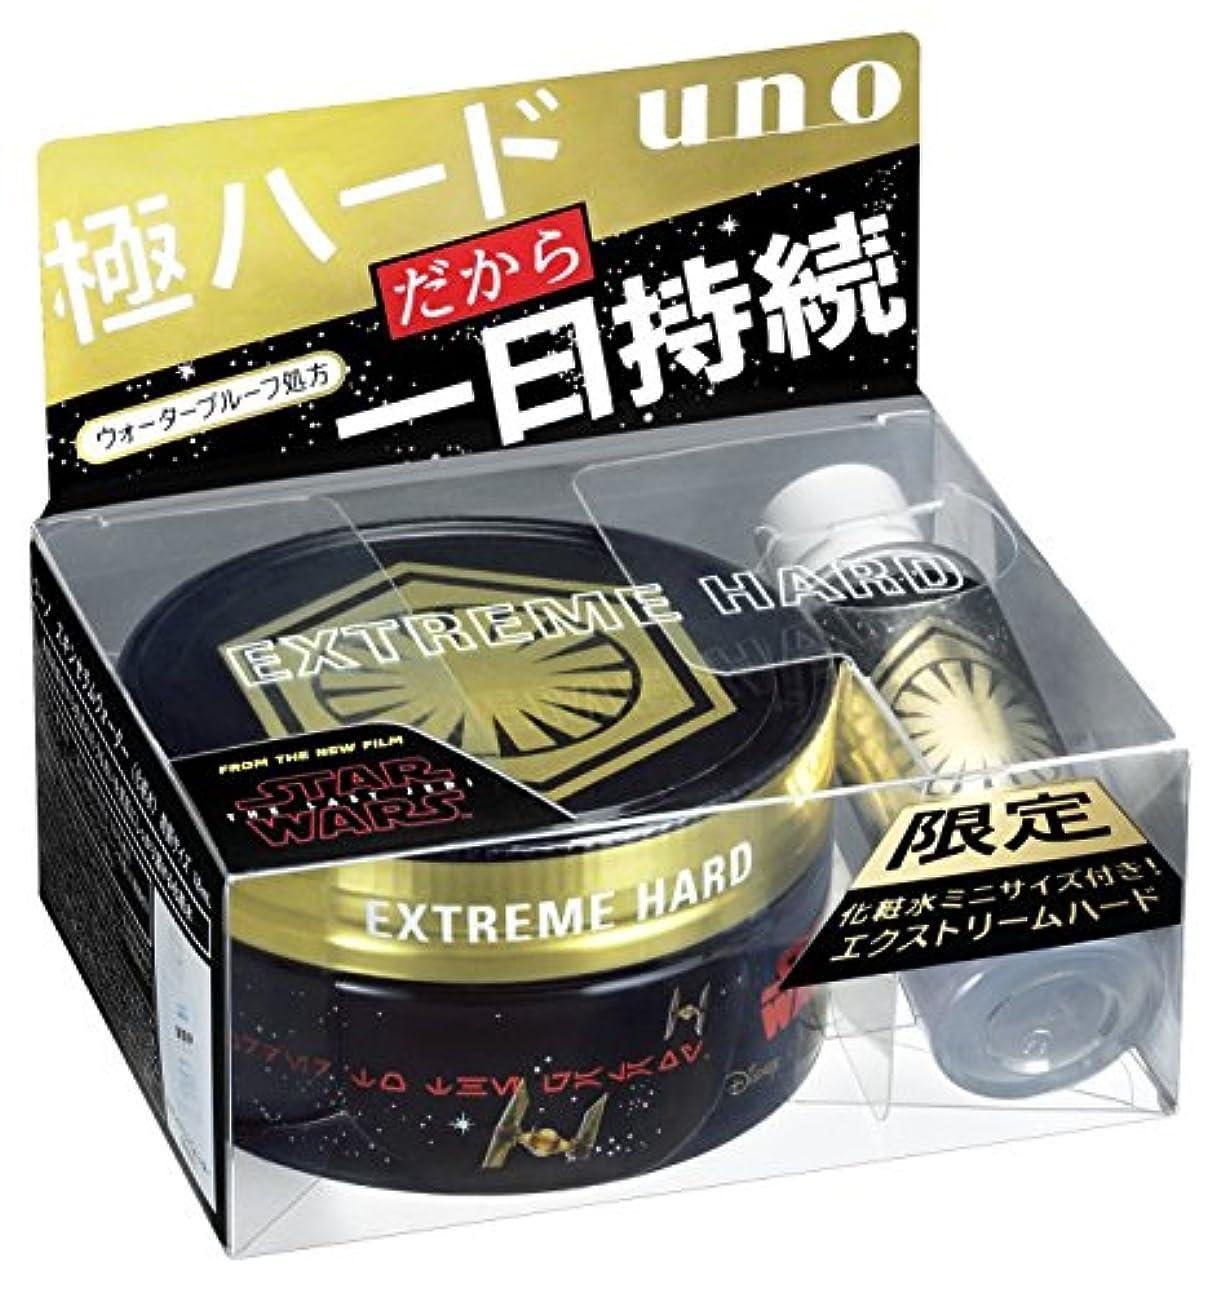 火曜日ガロン必需品uno(ウーノ) ウーノ エクストリームハード ワックス 80g スキンセラムウォーターミニボトル付(スターウォーズEp8)